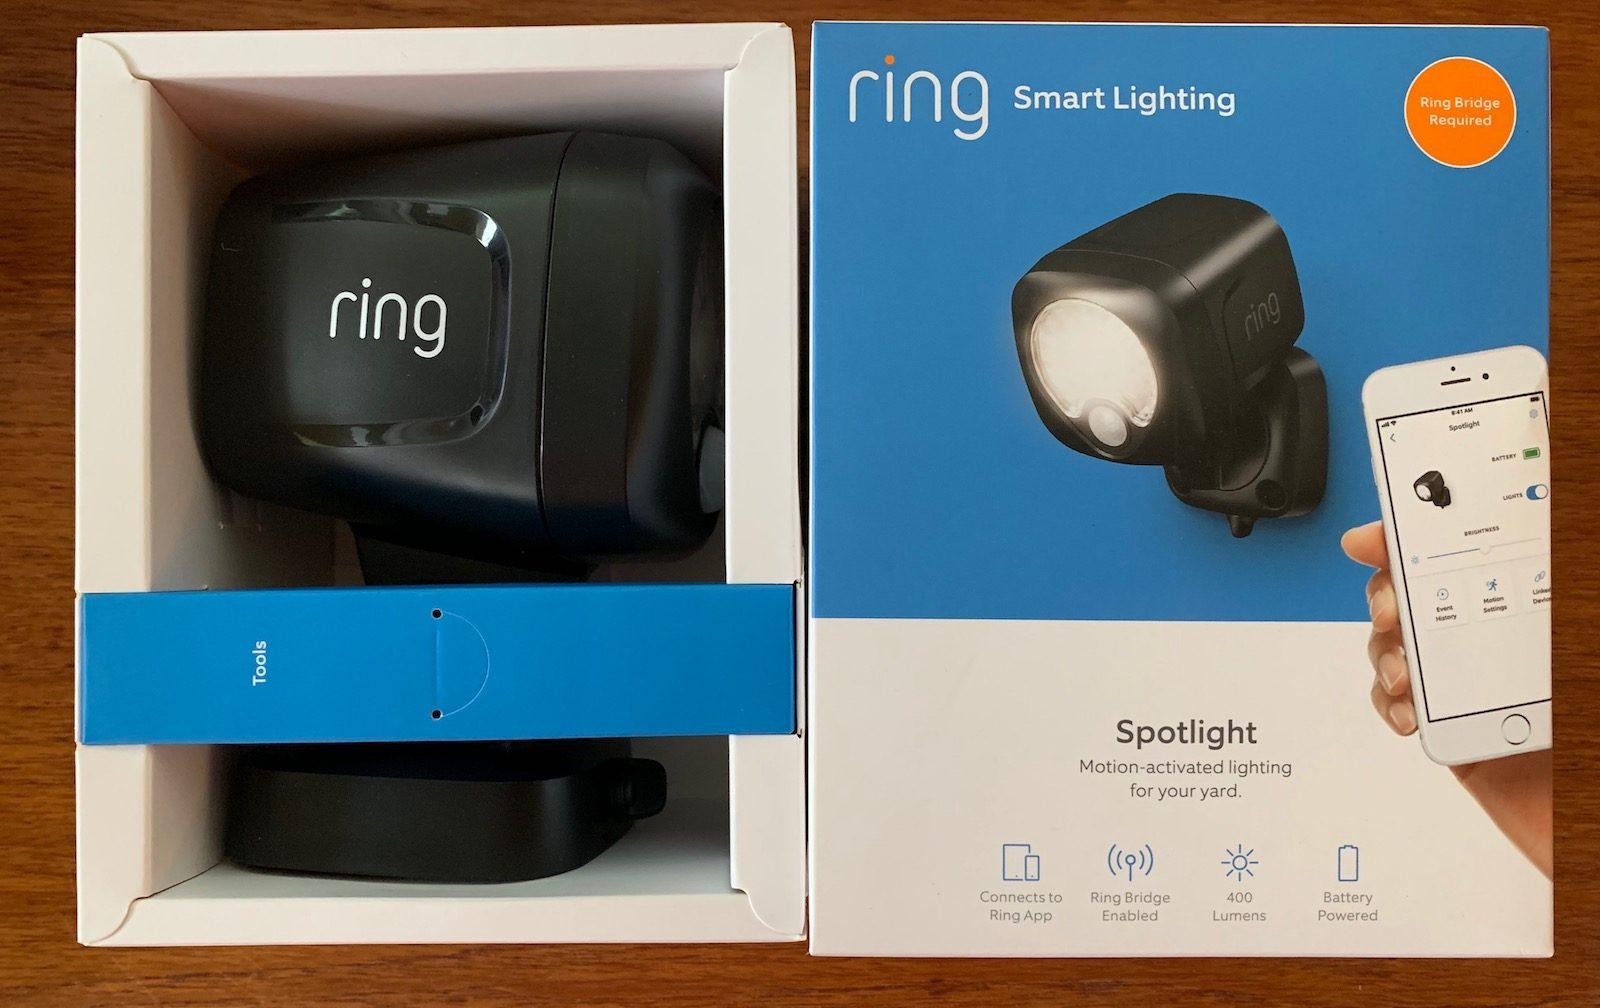 système d'éclairage intelligent sans fil résidentiel de Ring